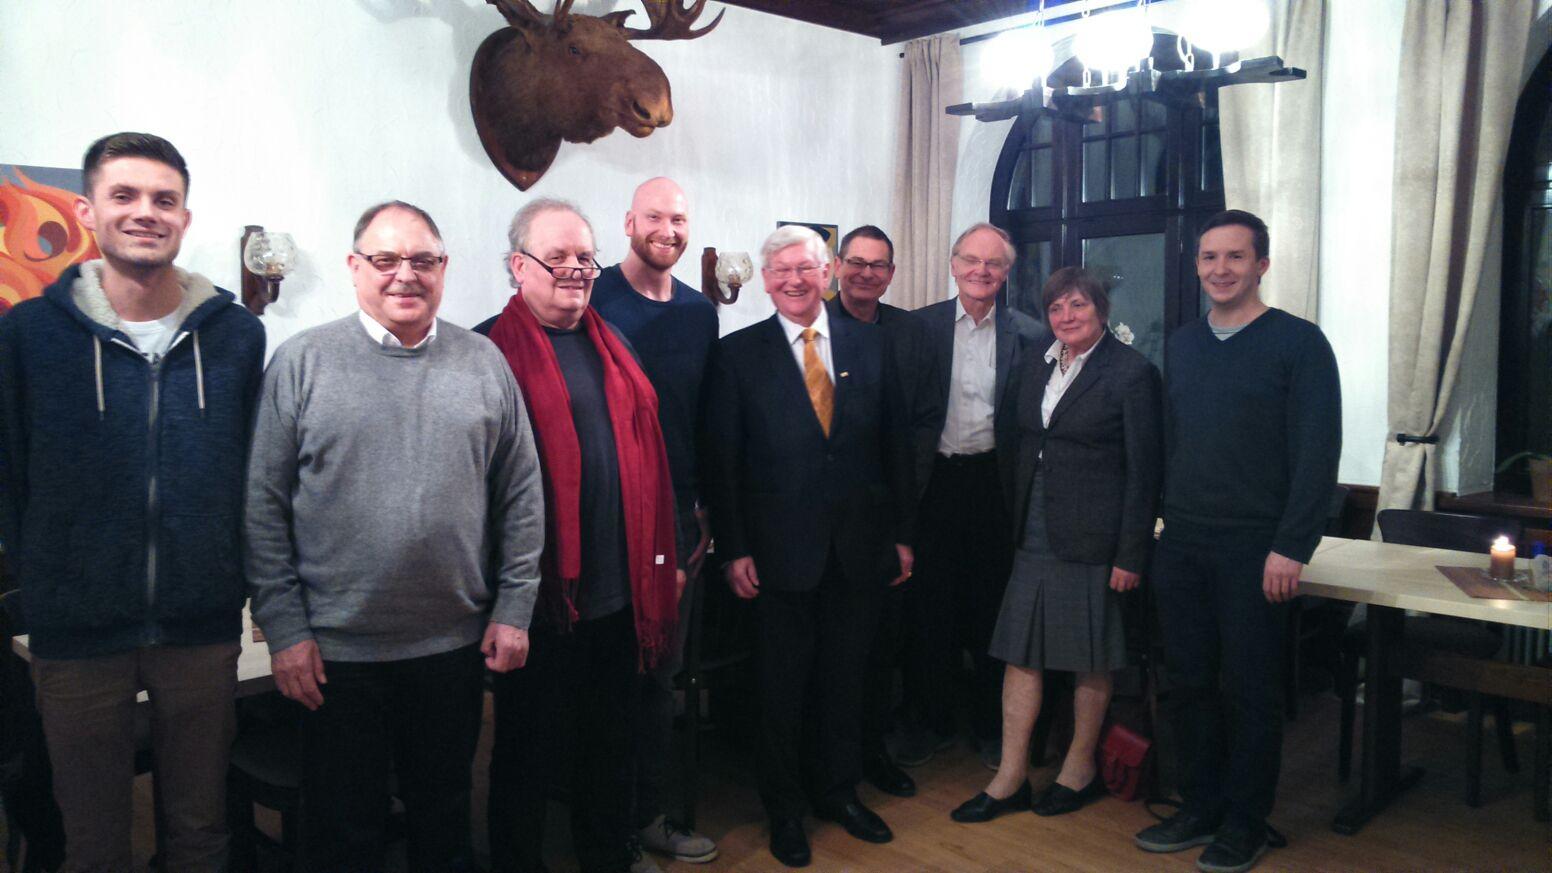 Exklusiver Dialog der FDP mit dem Interims-Betreiber der neuen Stadthalle Vallendar